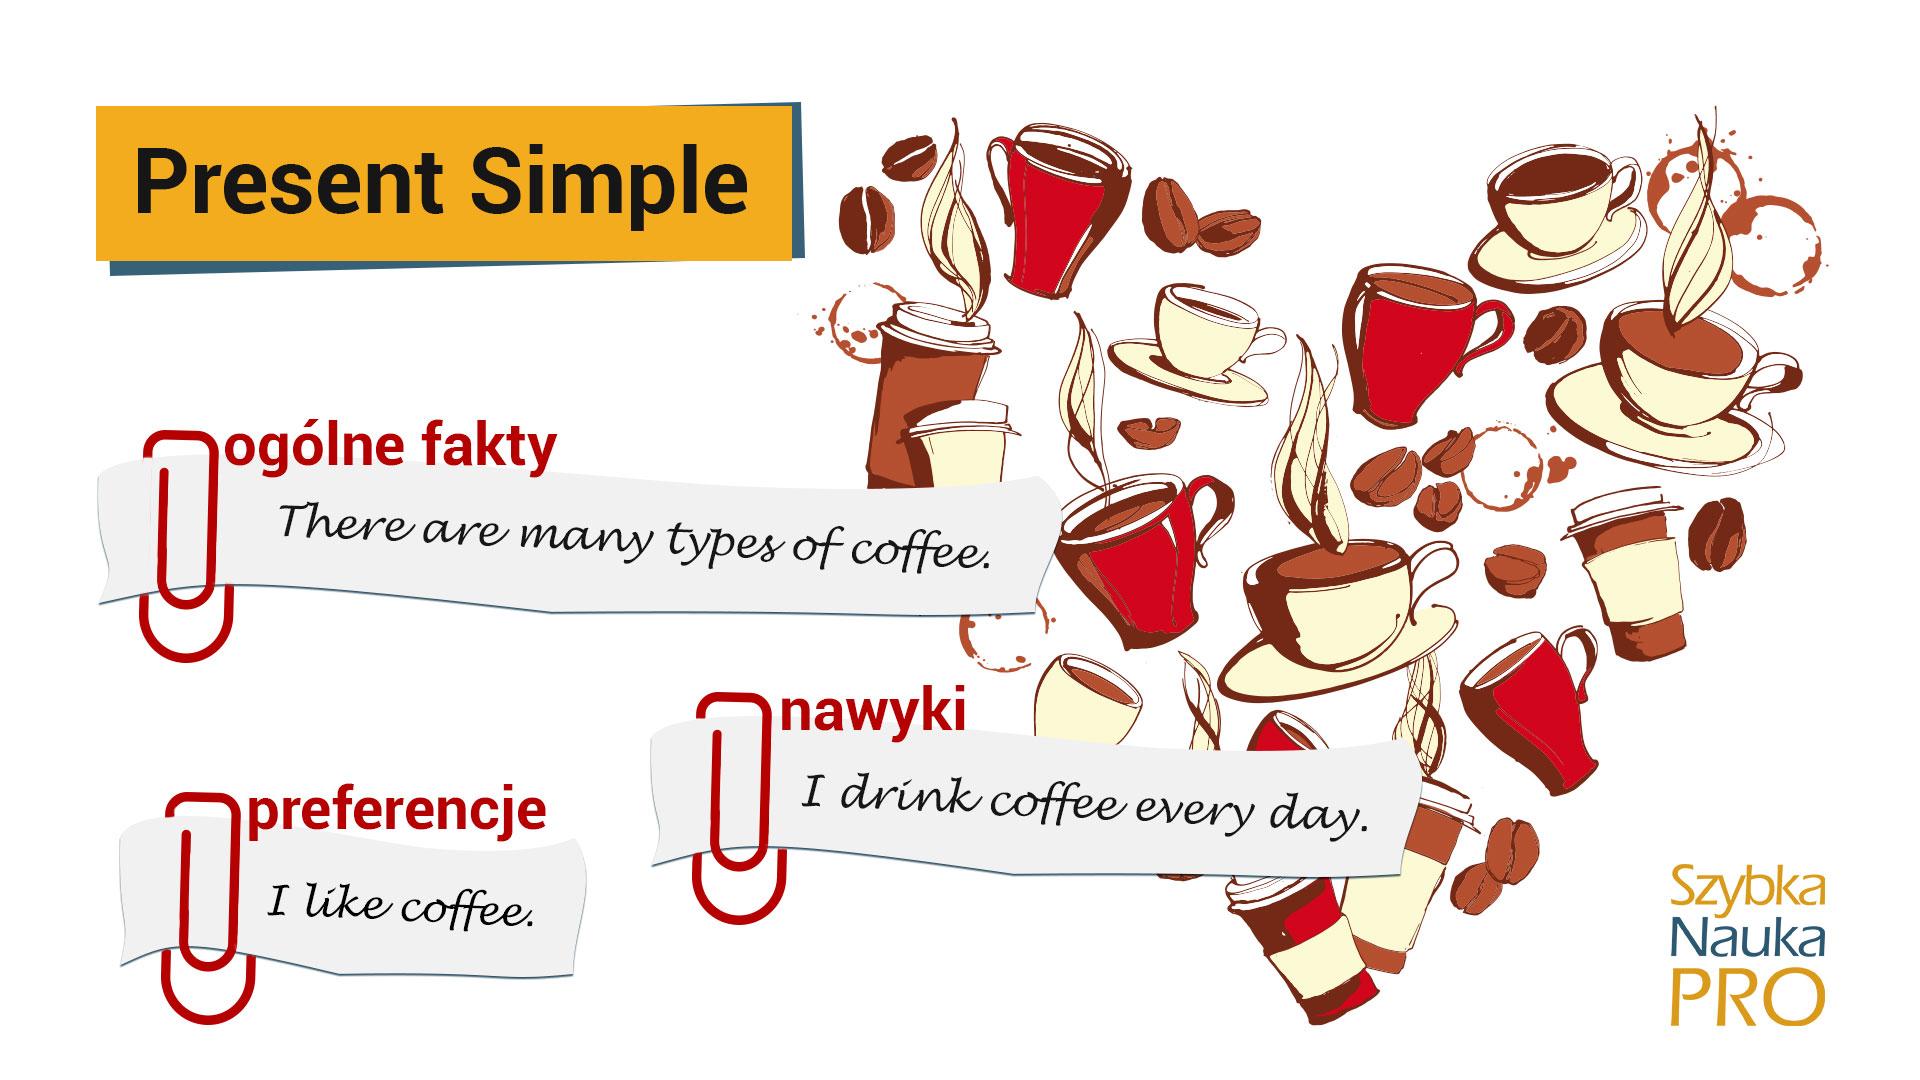 Kiedy używamy Present Simple?